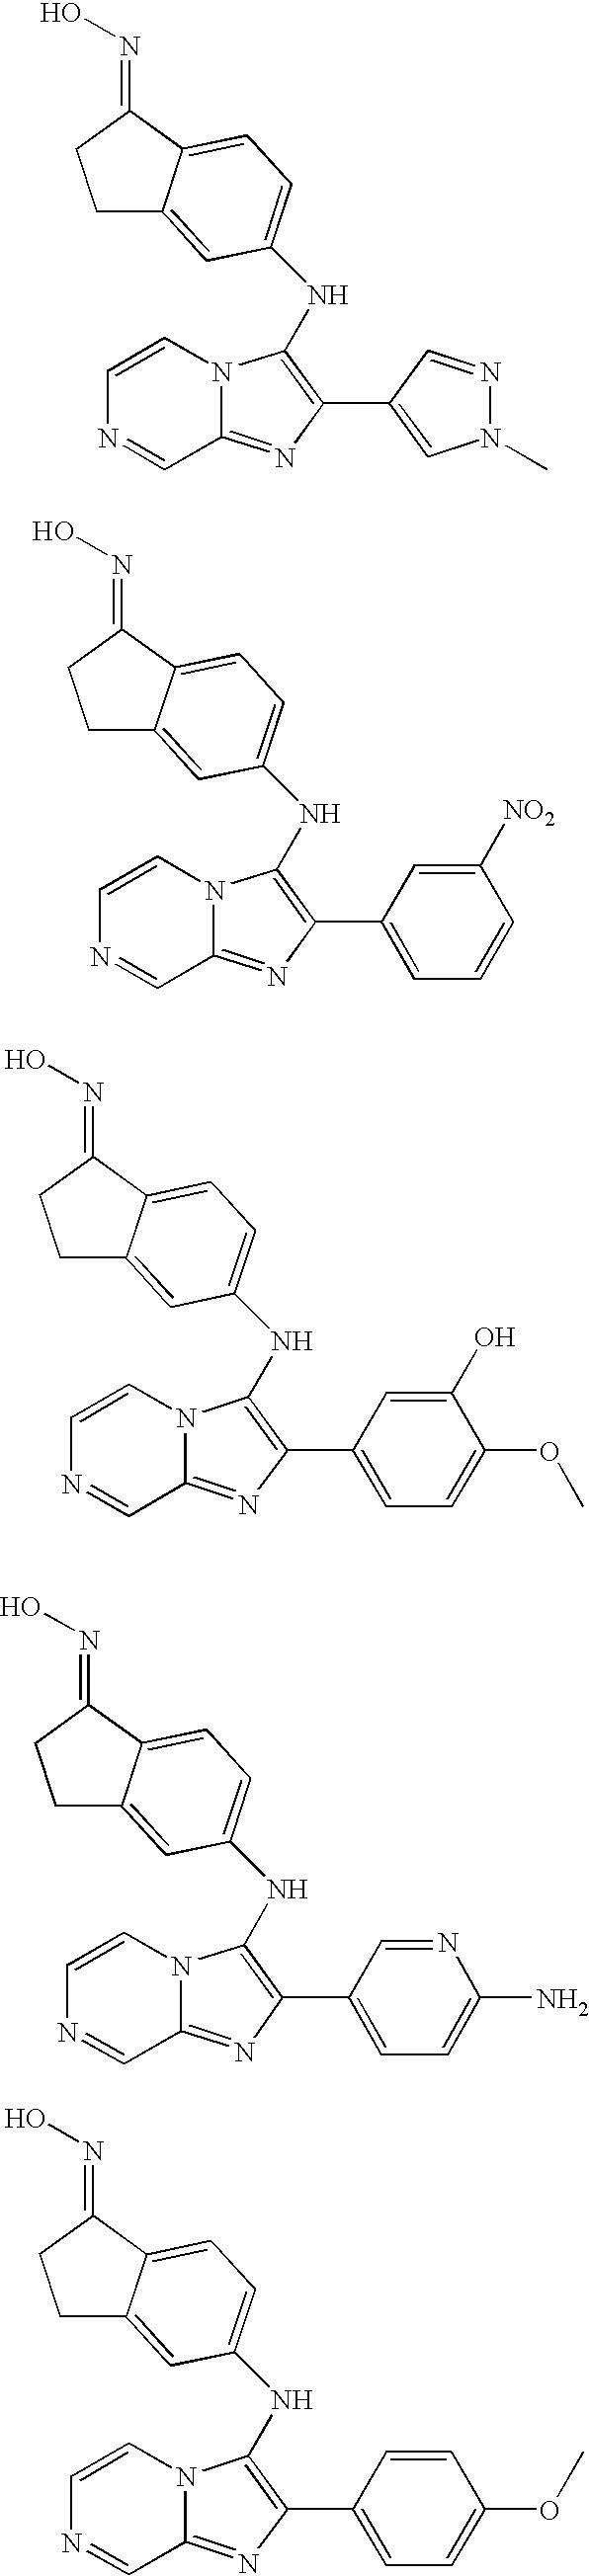 Figure US07566716-20090728-C00143